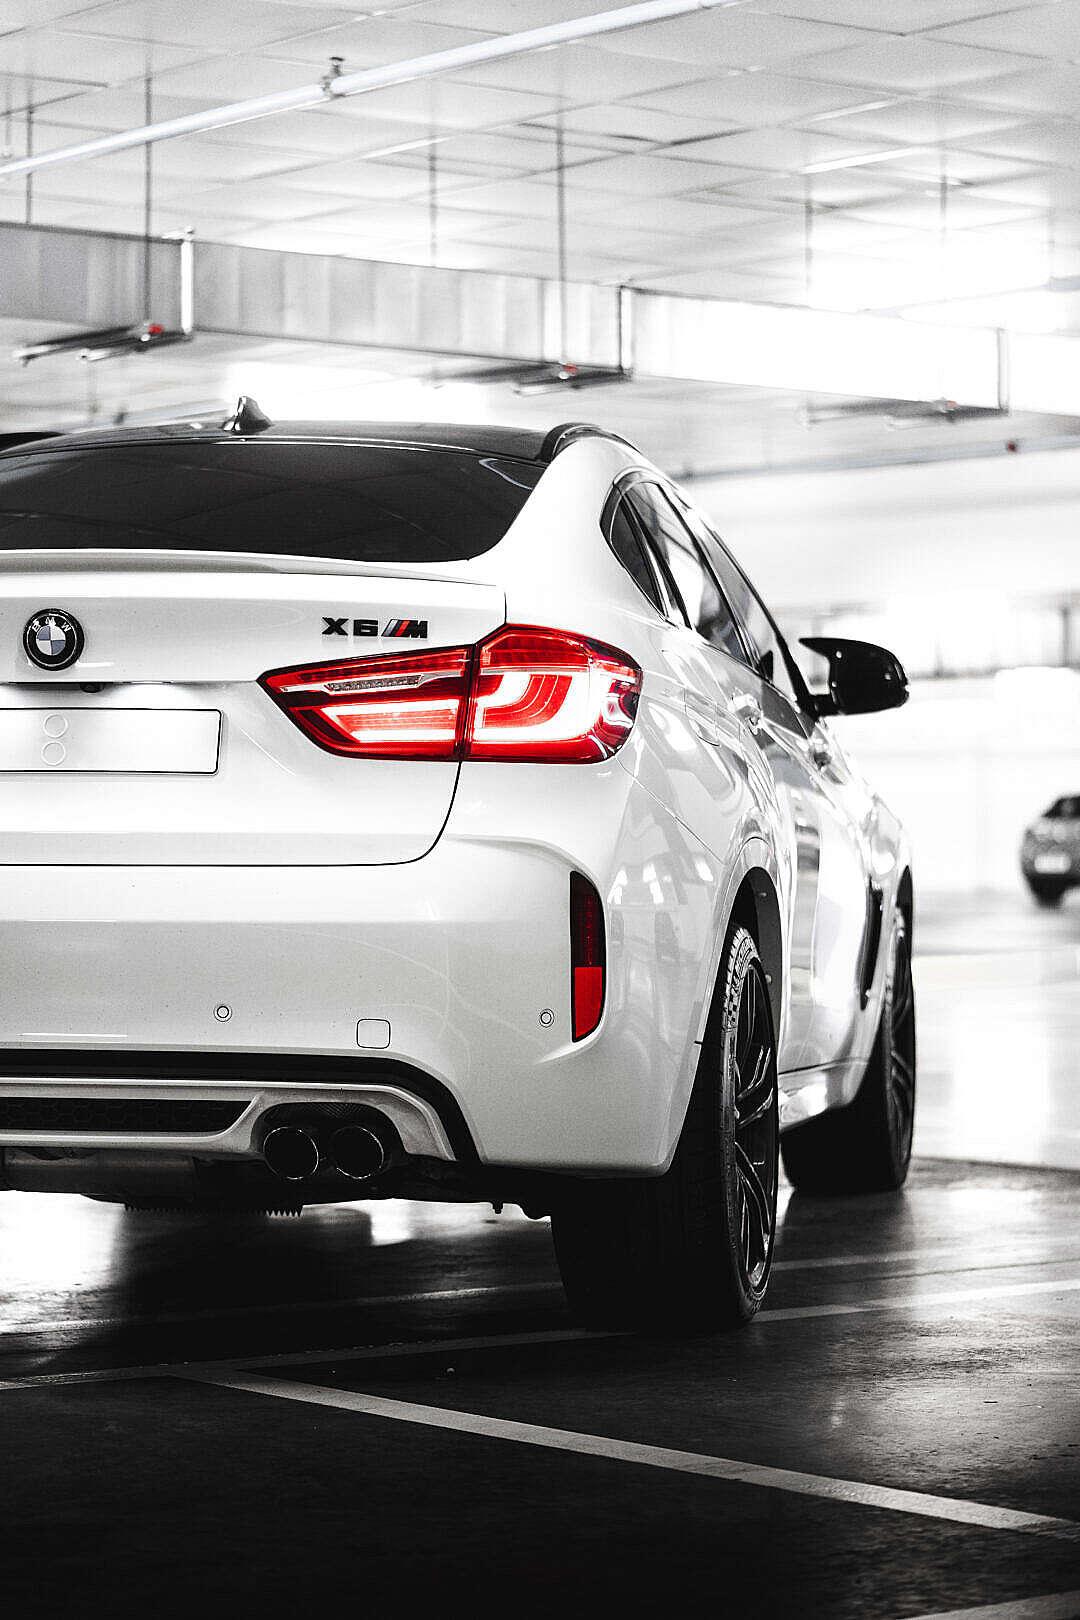 Download White BMW X6M Rear View FREE Stock Photo